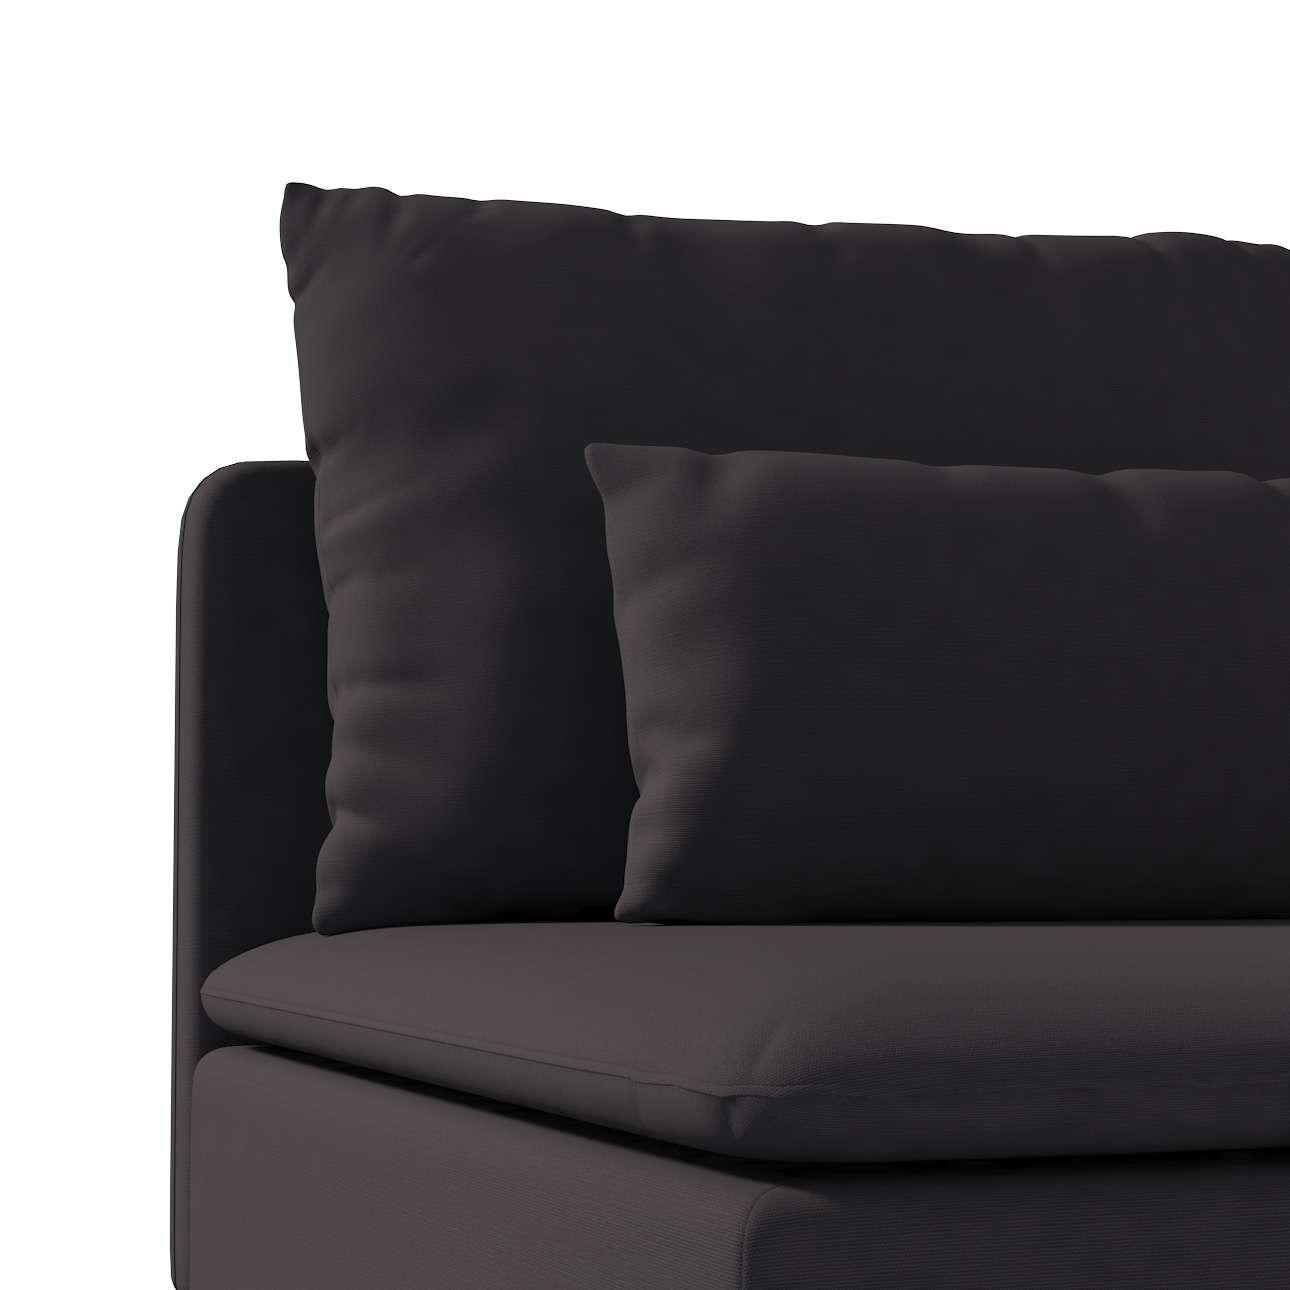 Bezug für Söderhamn Sitzelement 1 von der Kollektion Cotton Panama, Stoff: 702-09